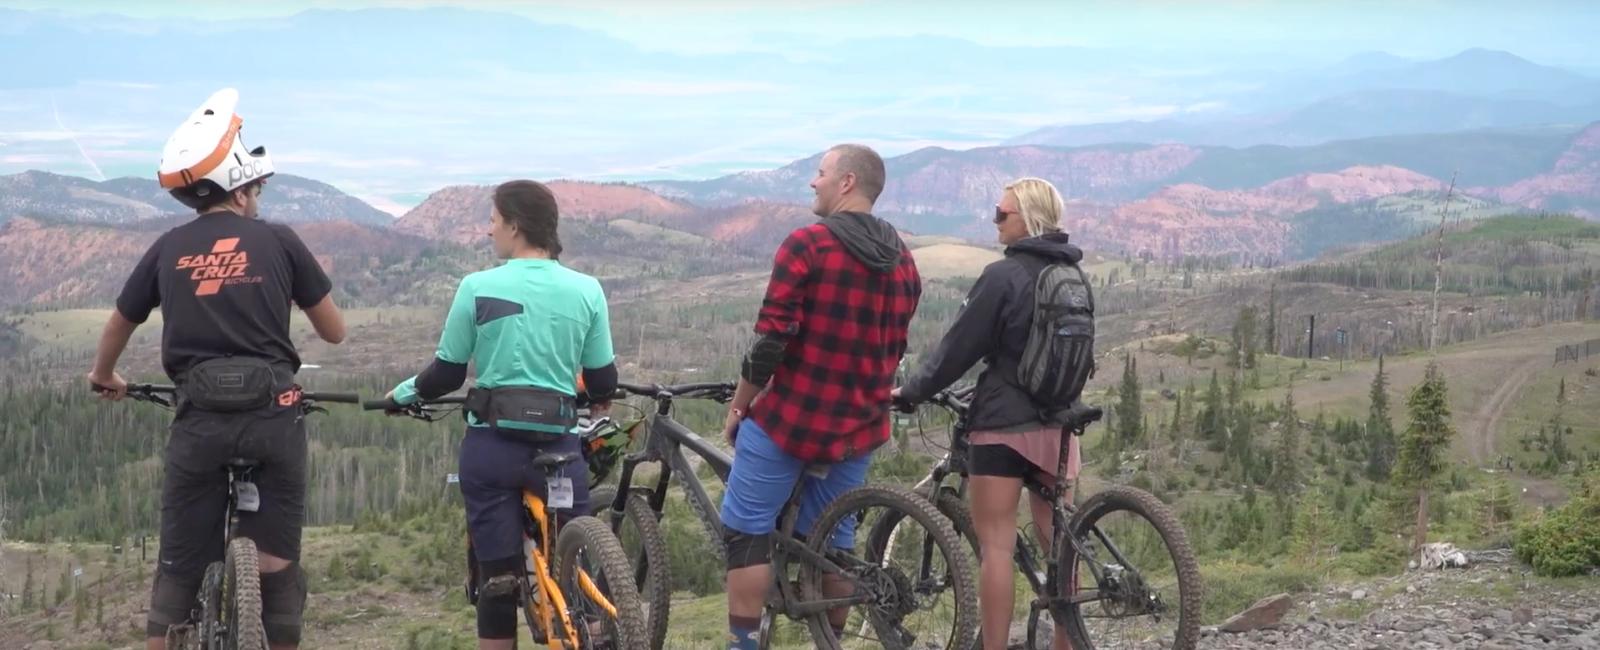 Brian Head Mountain Biking